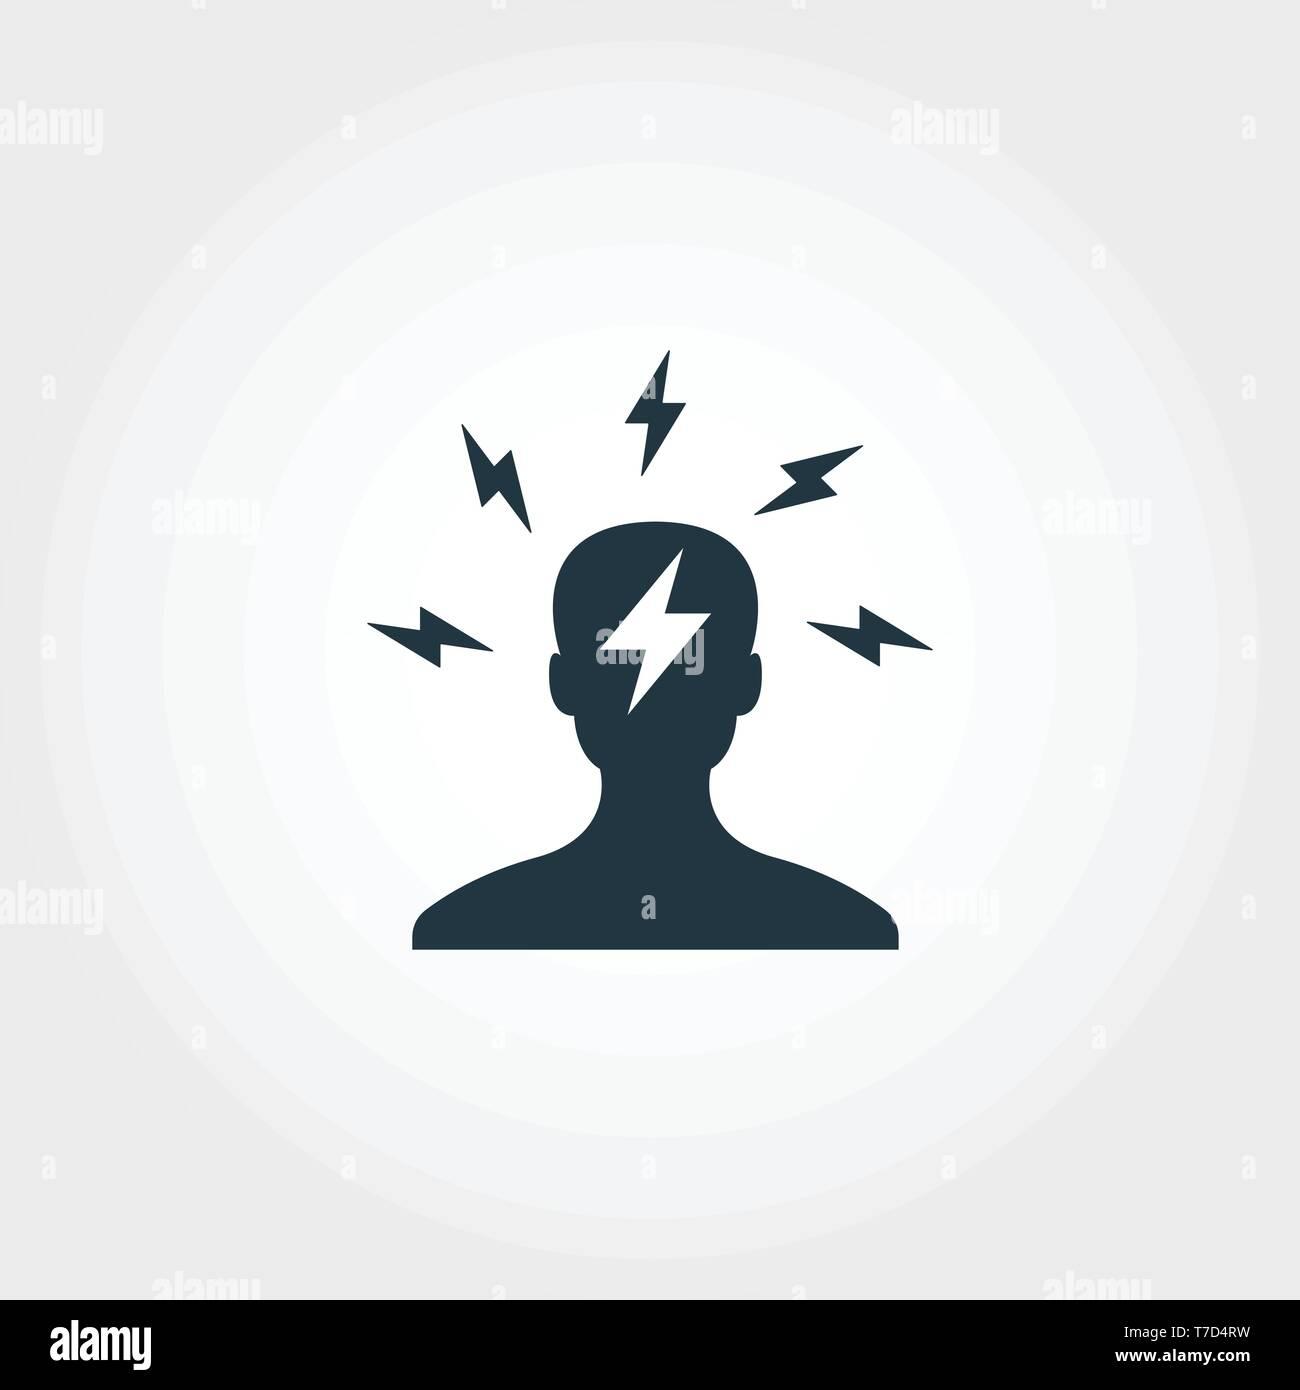 L'icône de remue-méninges. Design Premium Monochome symbole de collection. UX et l'assurance-chômage pictogramme simple icône remue-méninges Illustration de Vecteur